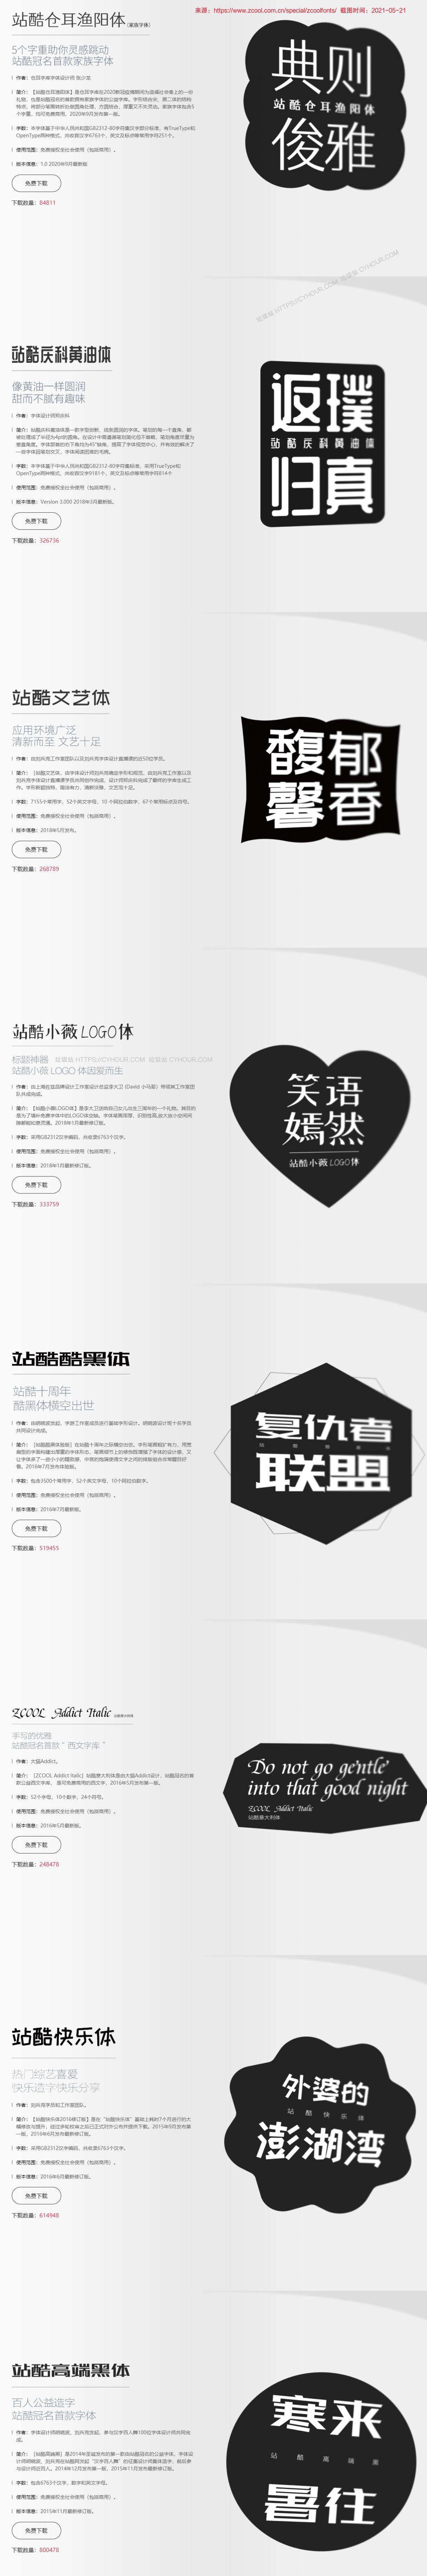 开源/免费 可商用 中文字体整理下载-垃圾站